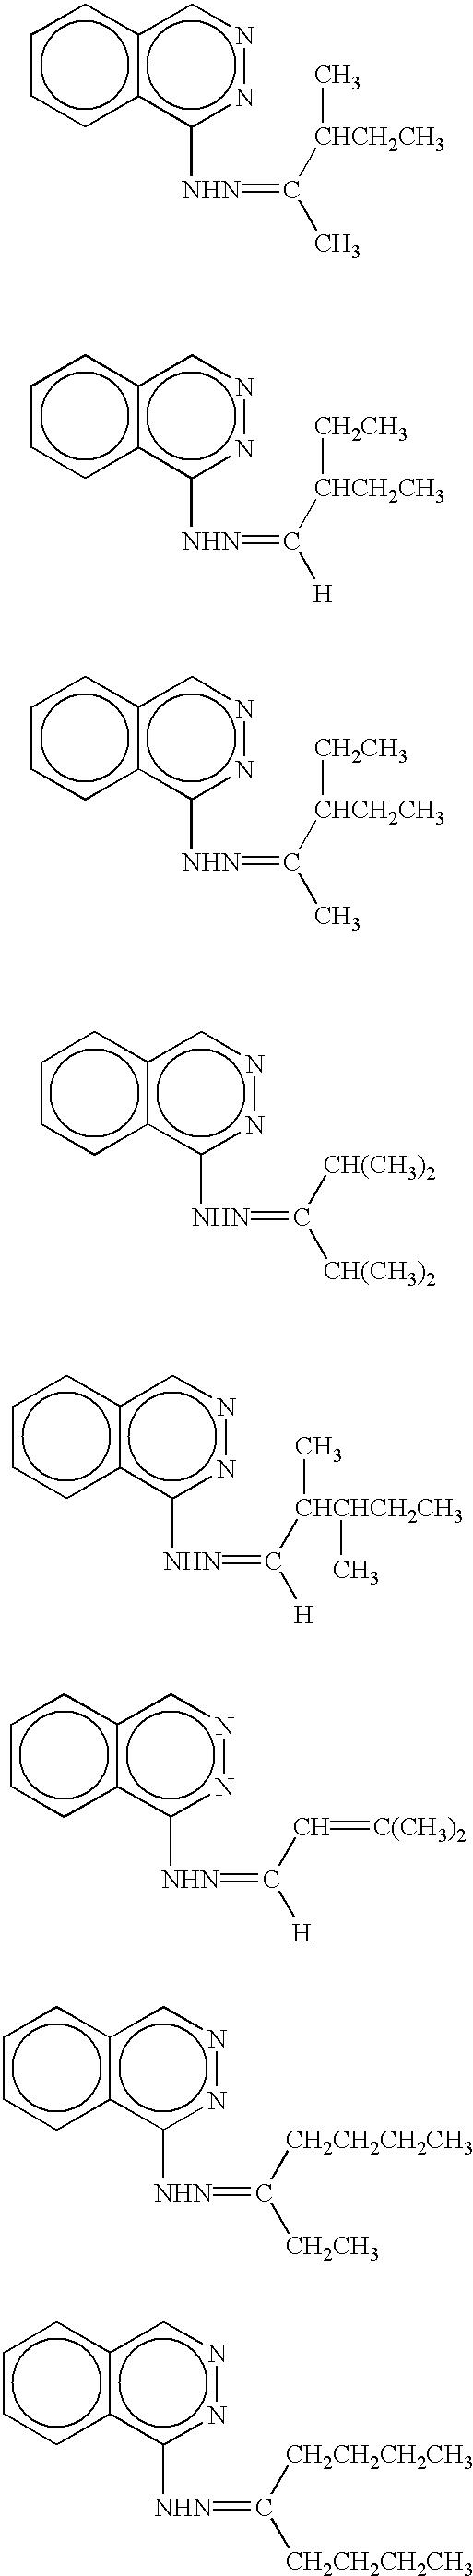 Figure US06825196-20041130-C00046